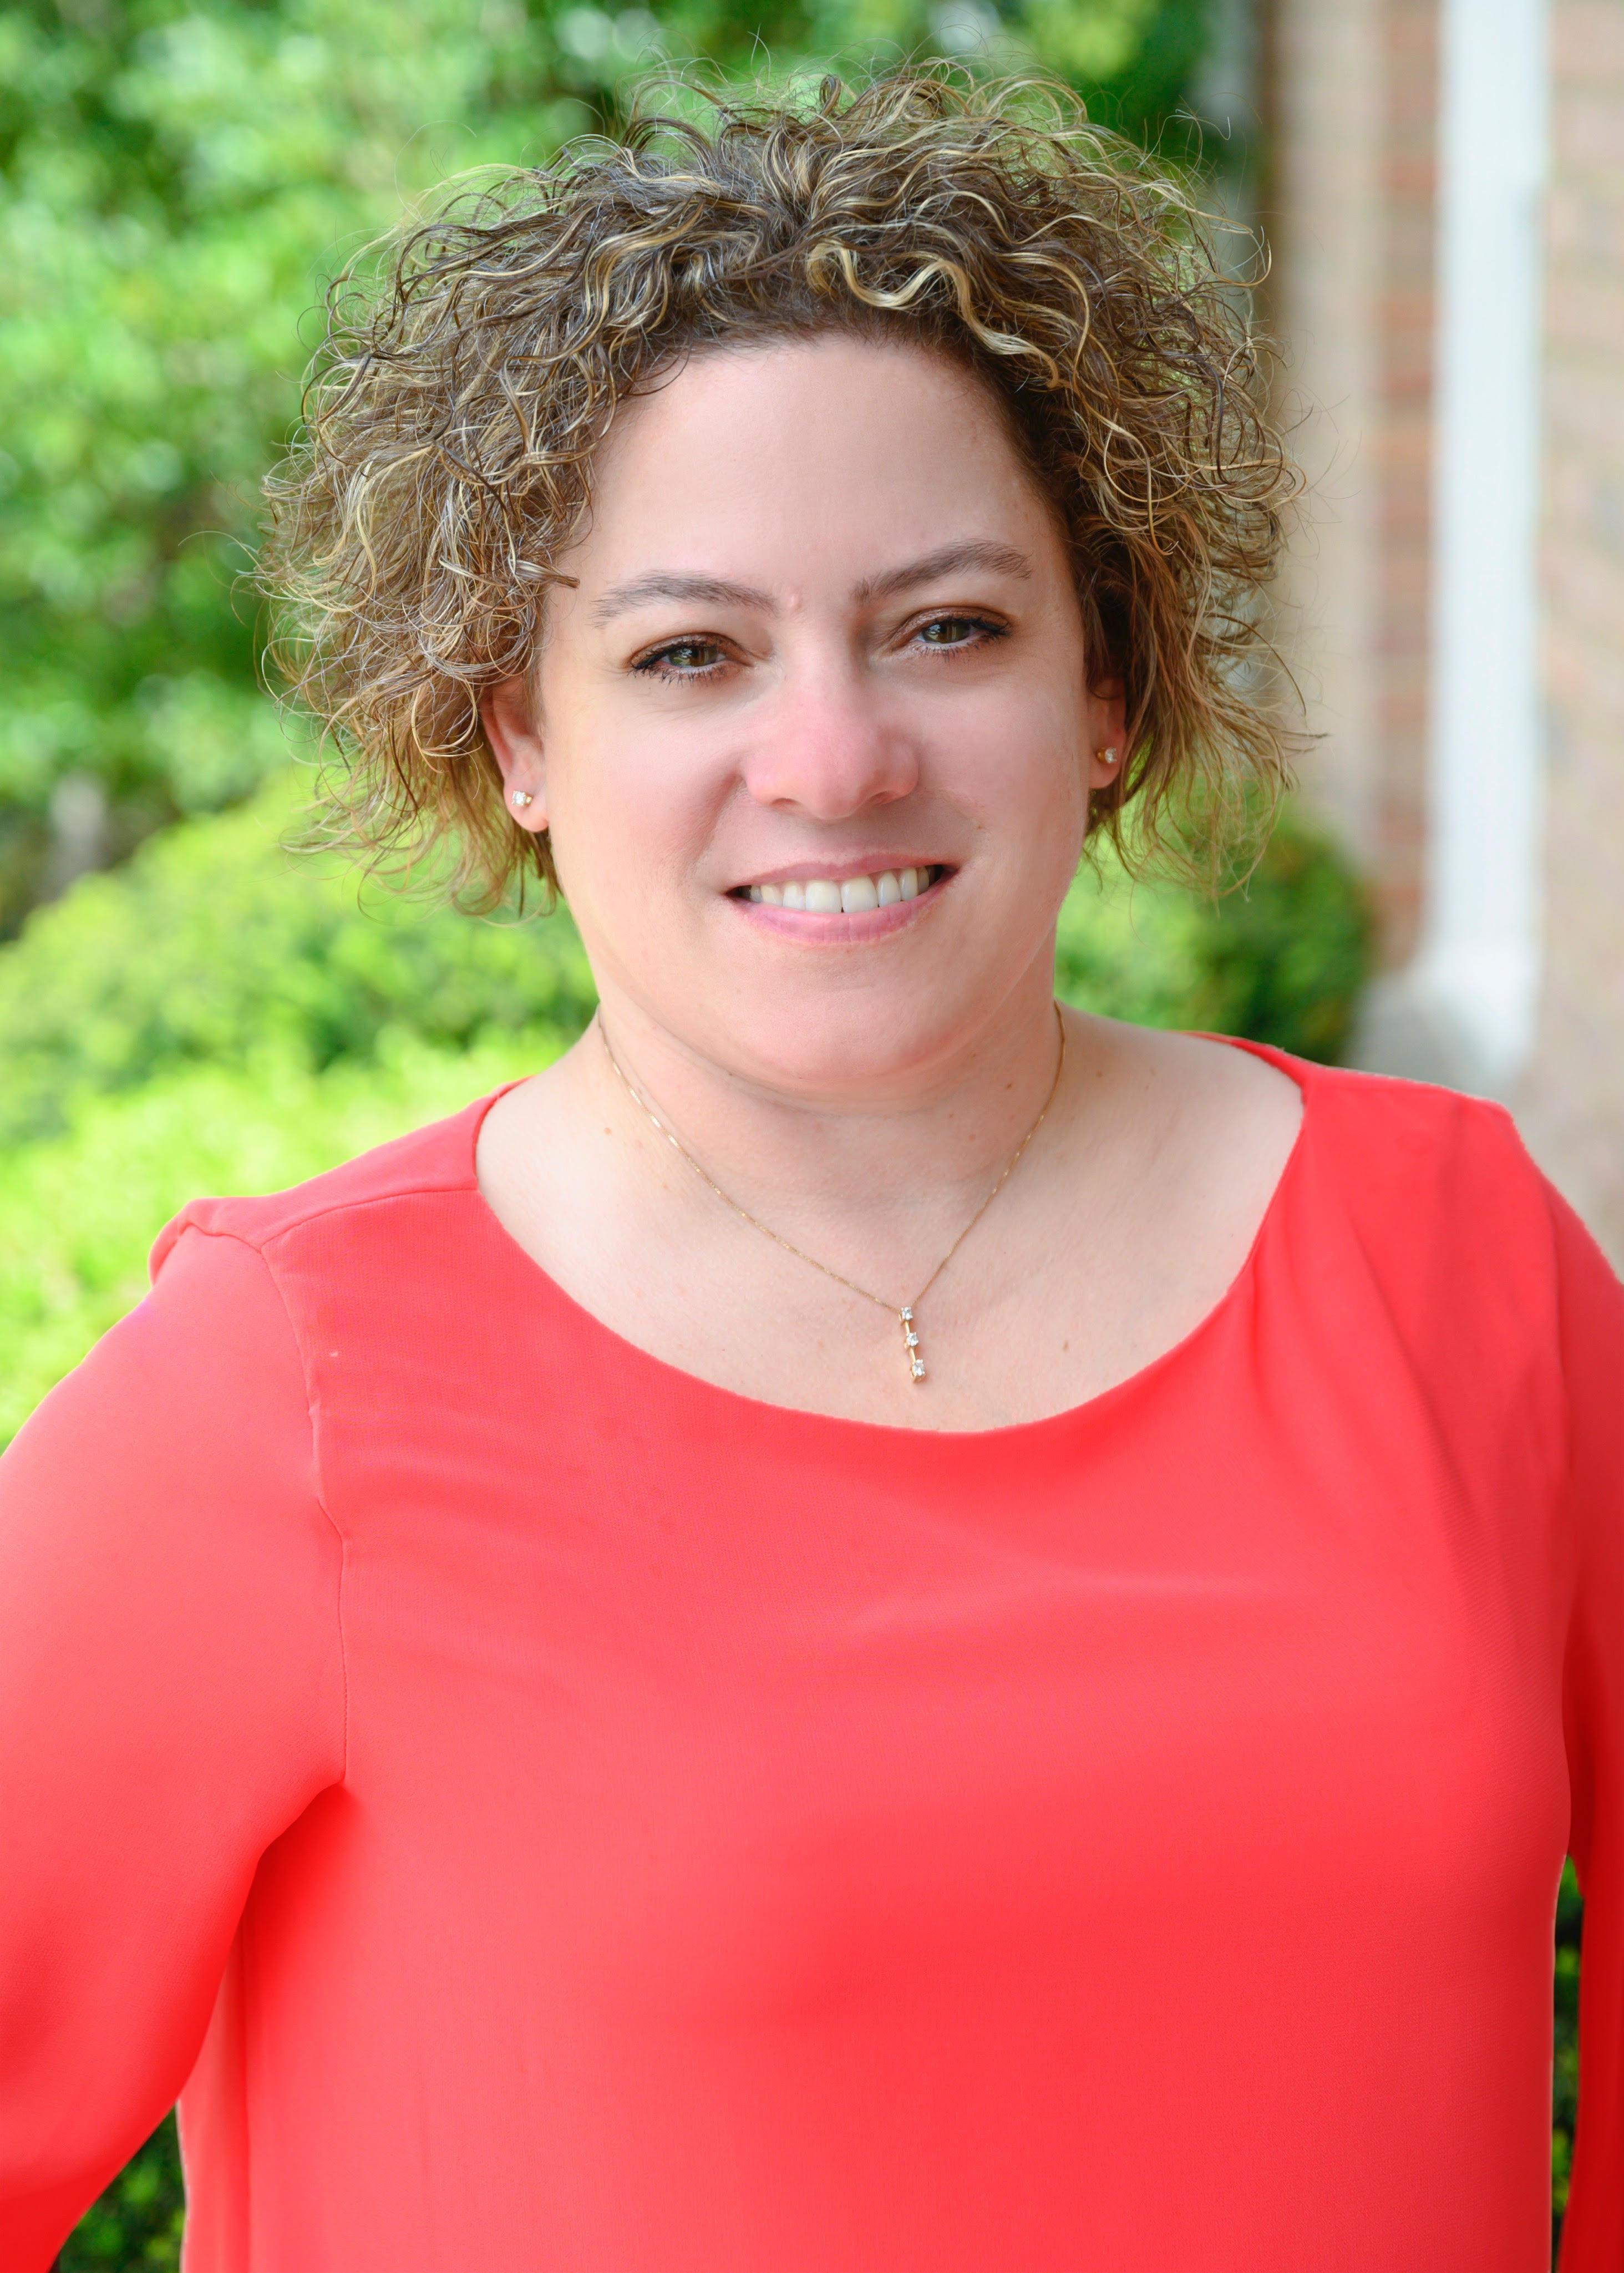 Michelle Dietzel